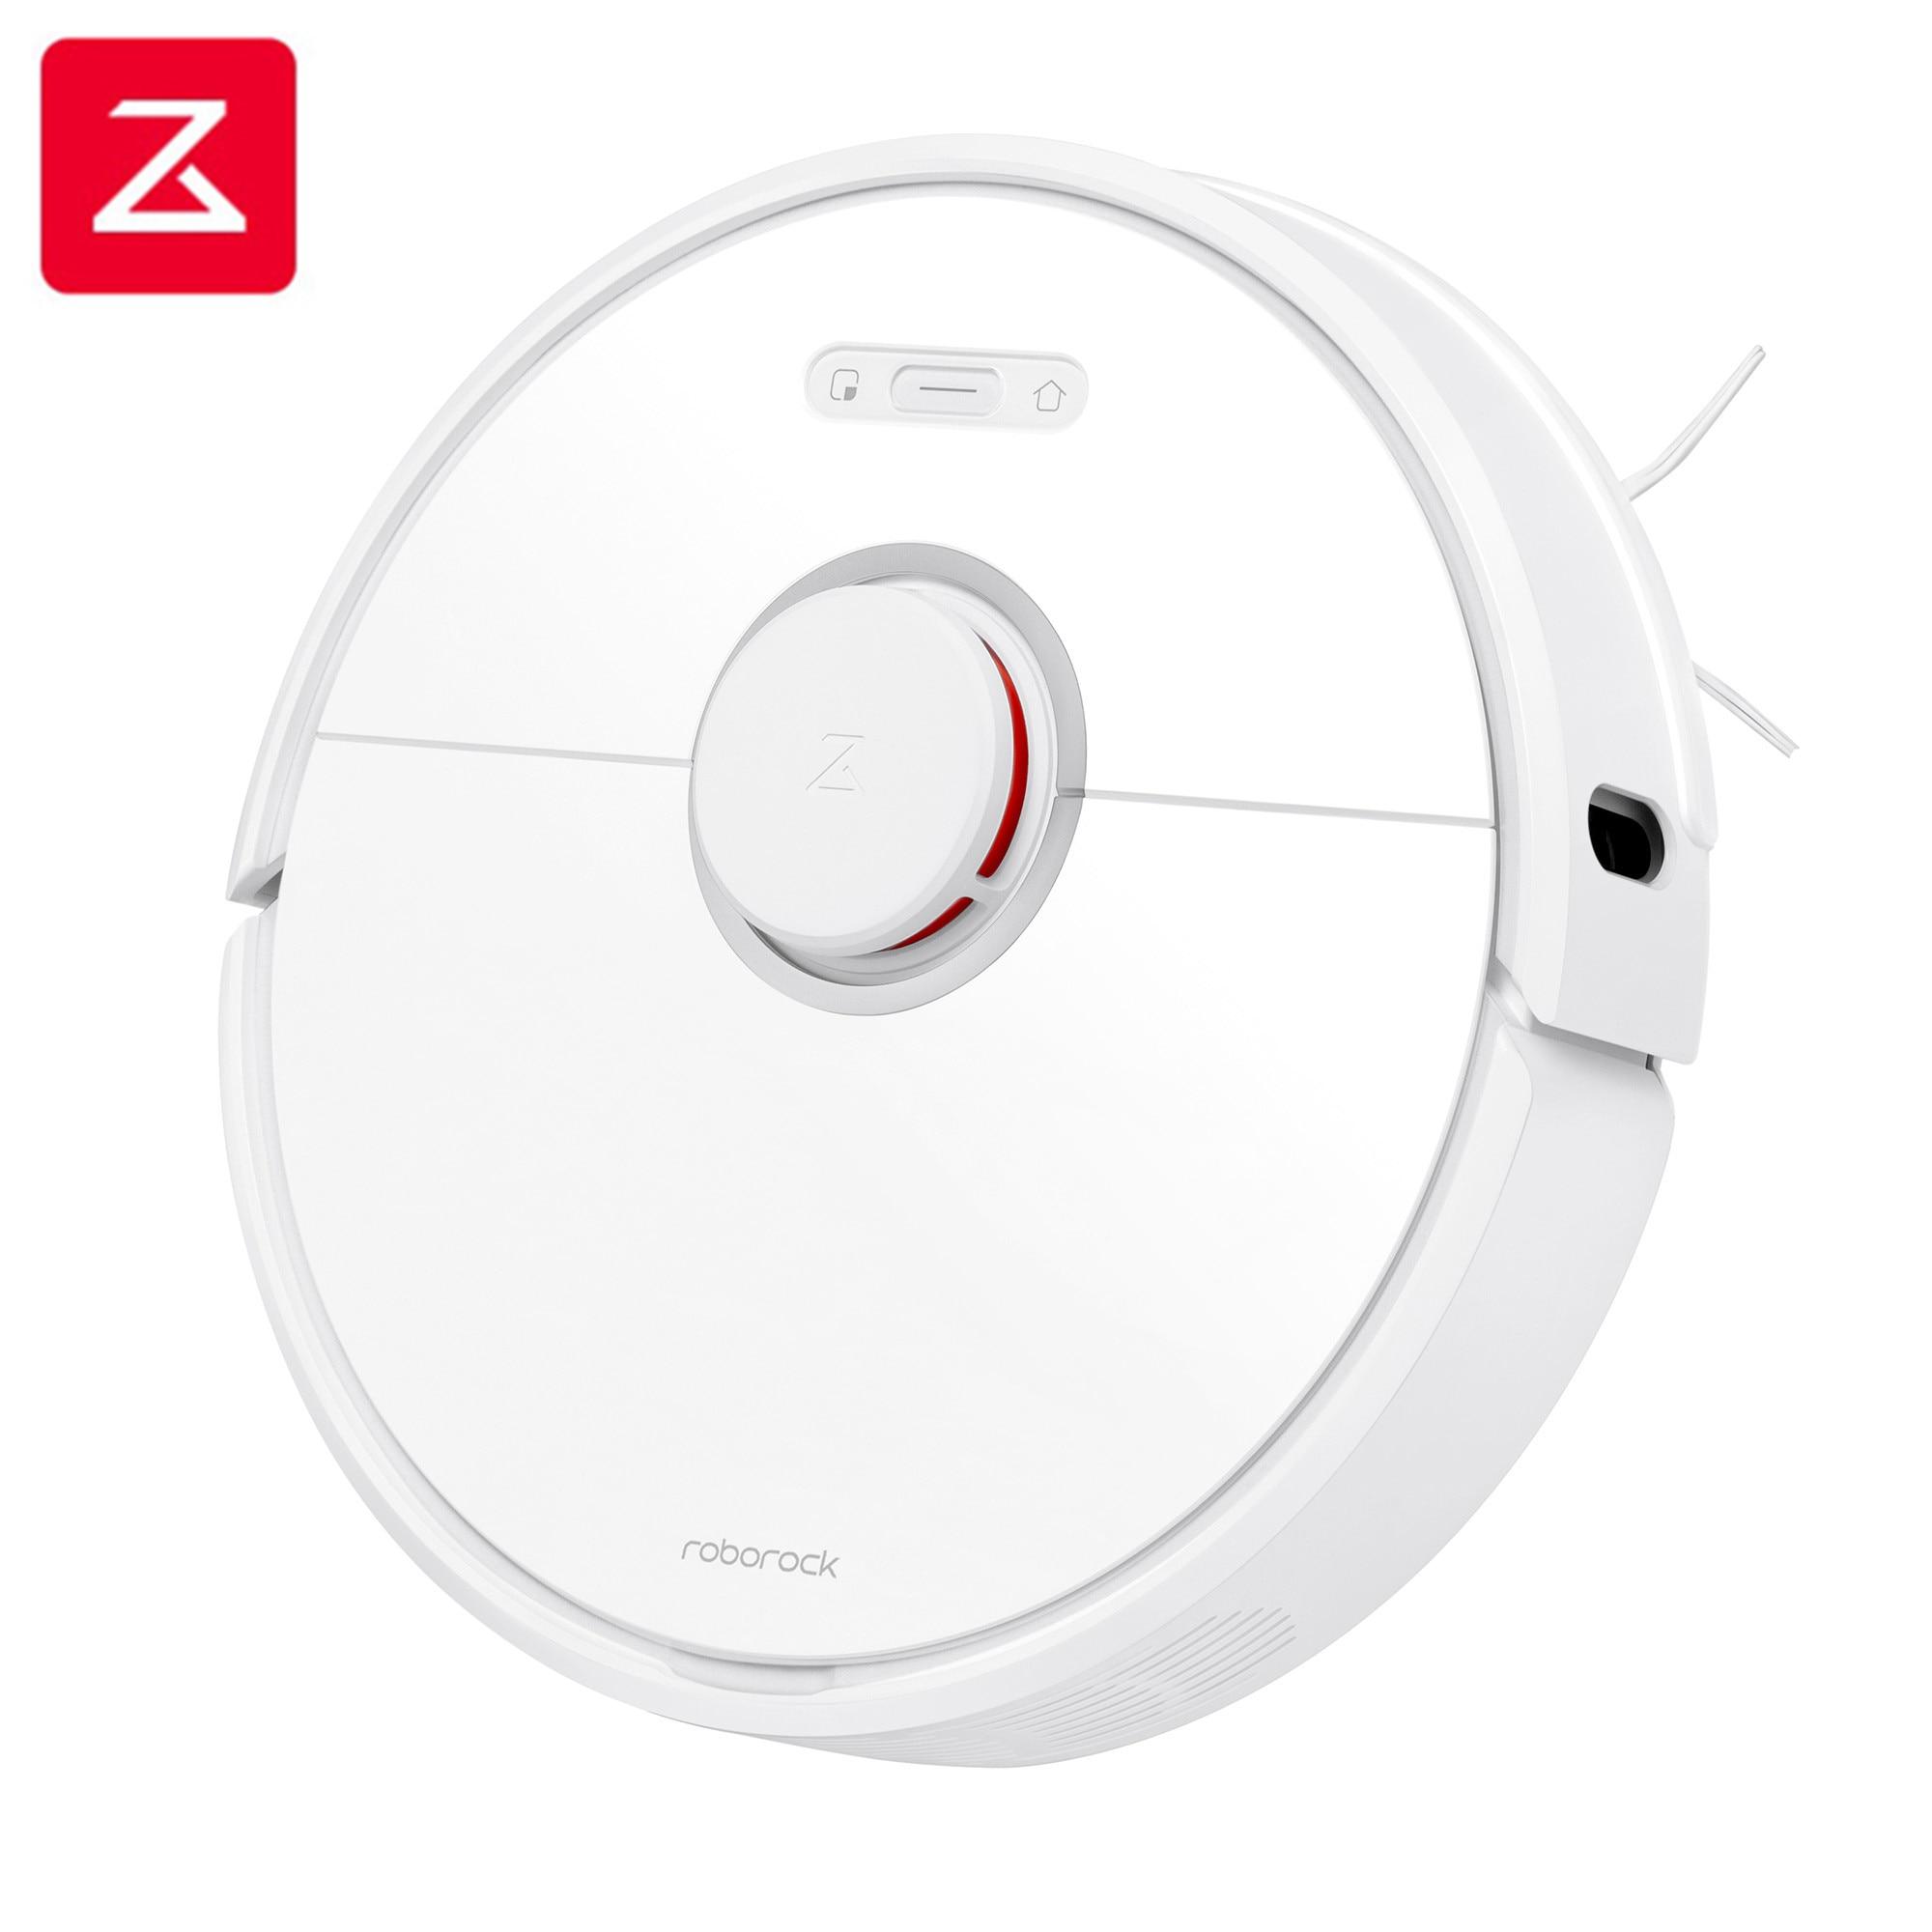 Roborock s6 branco robô aspirador de pó para casa automático varrendo poeira esterilizar inteligente planejado lavar esfregar vs roborock s50 s55